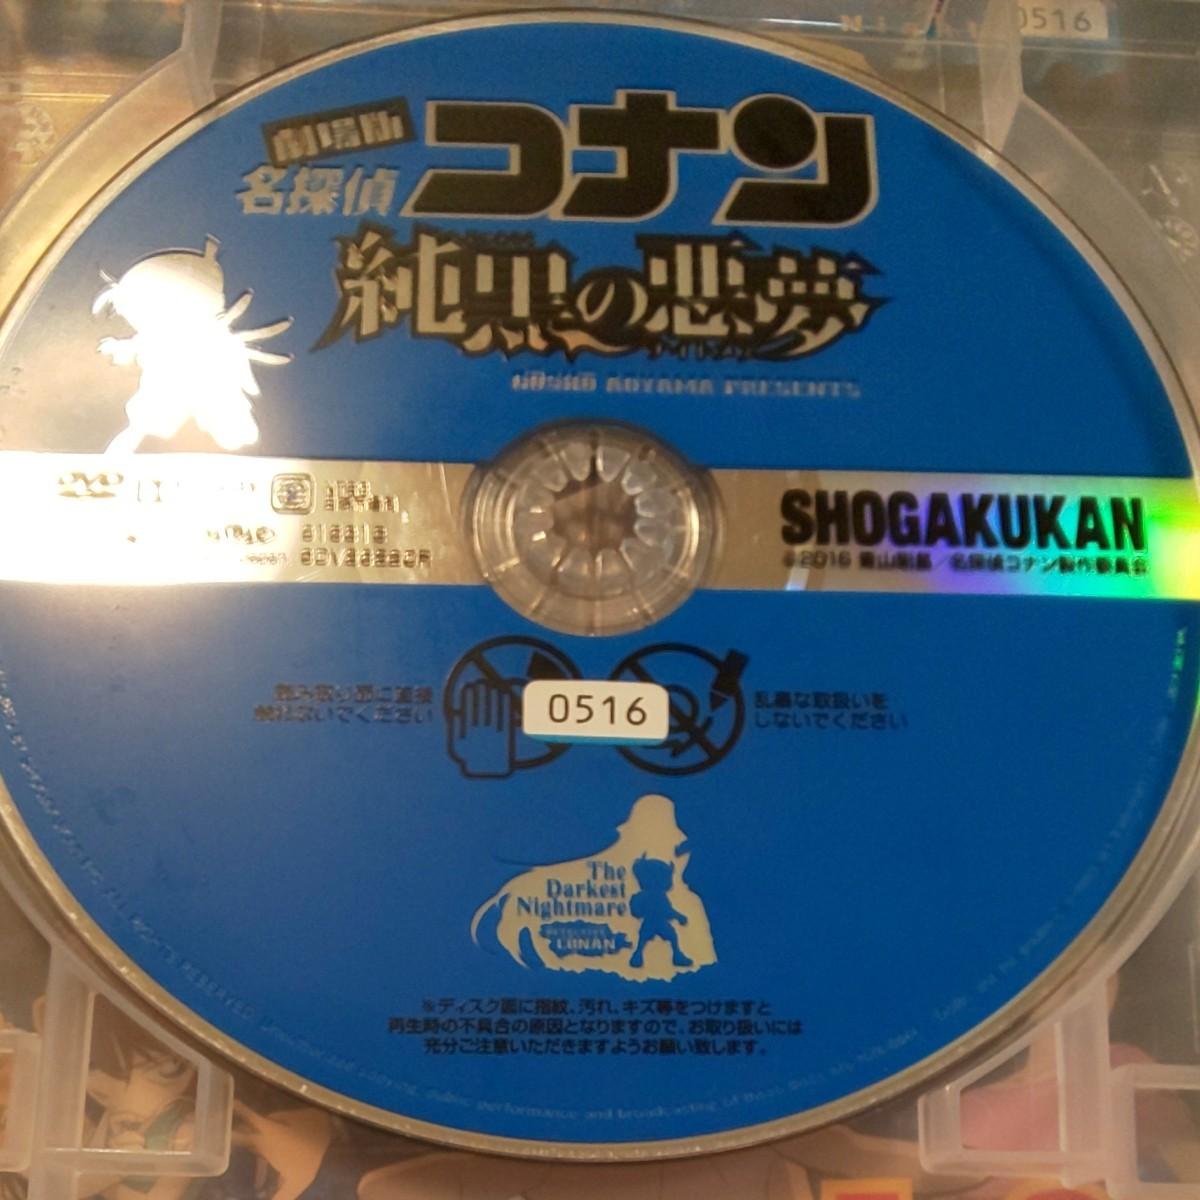 劇場版 名探偵コナン純黒の悪夢  コナン  純黒の悪夢  純黒のナイトメア  レンタル落ち  DVD